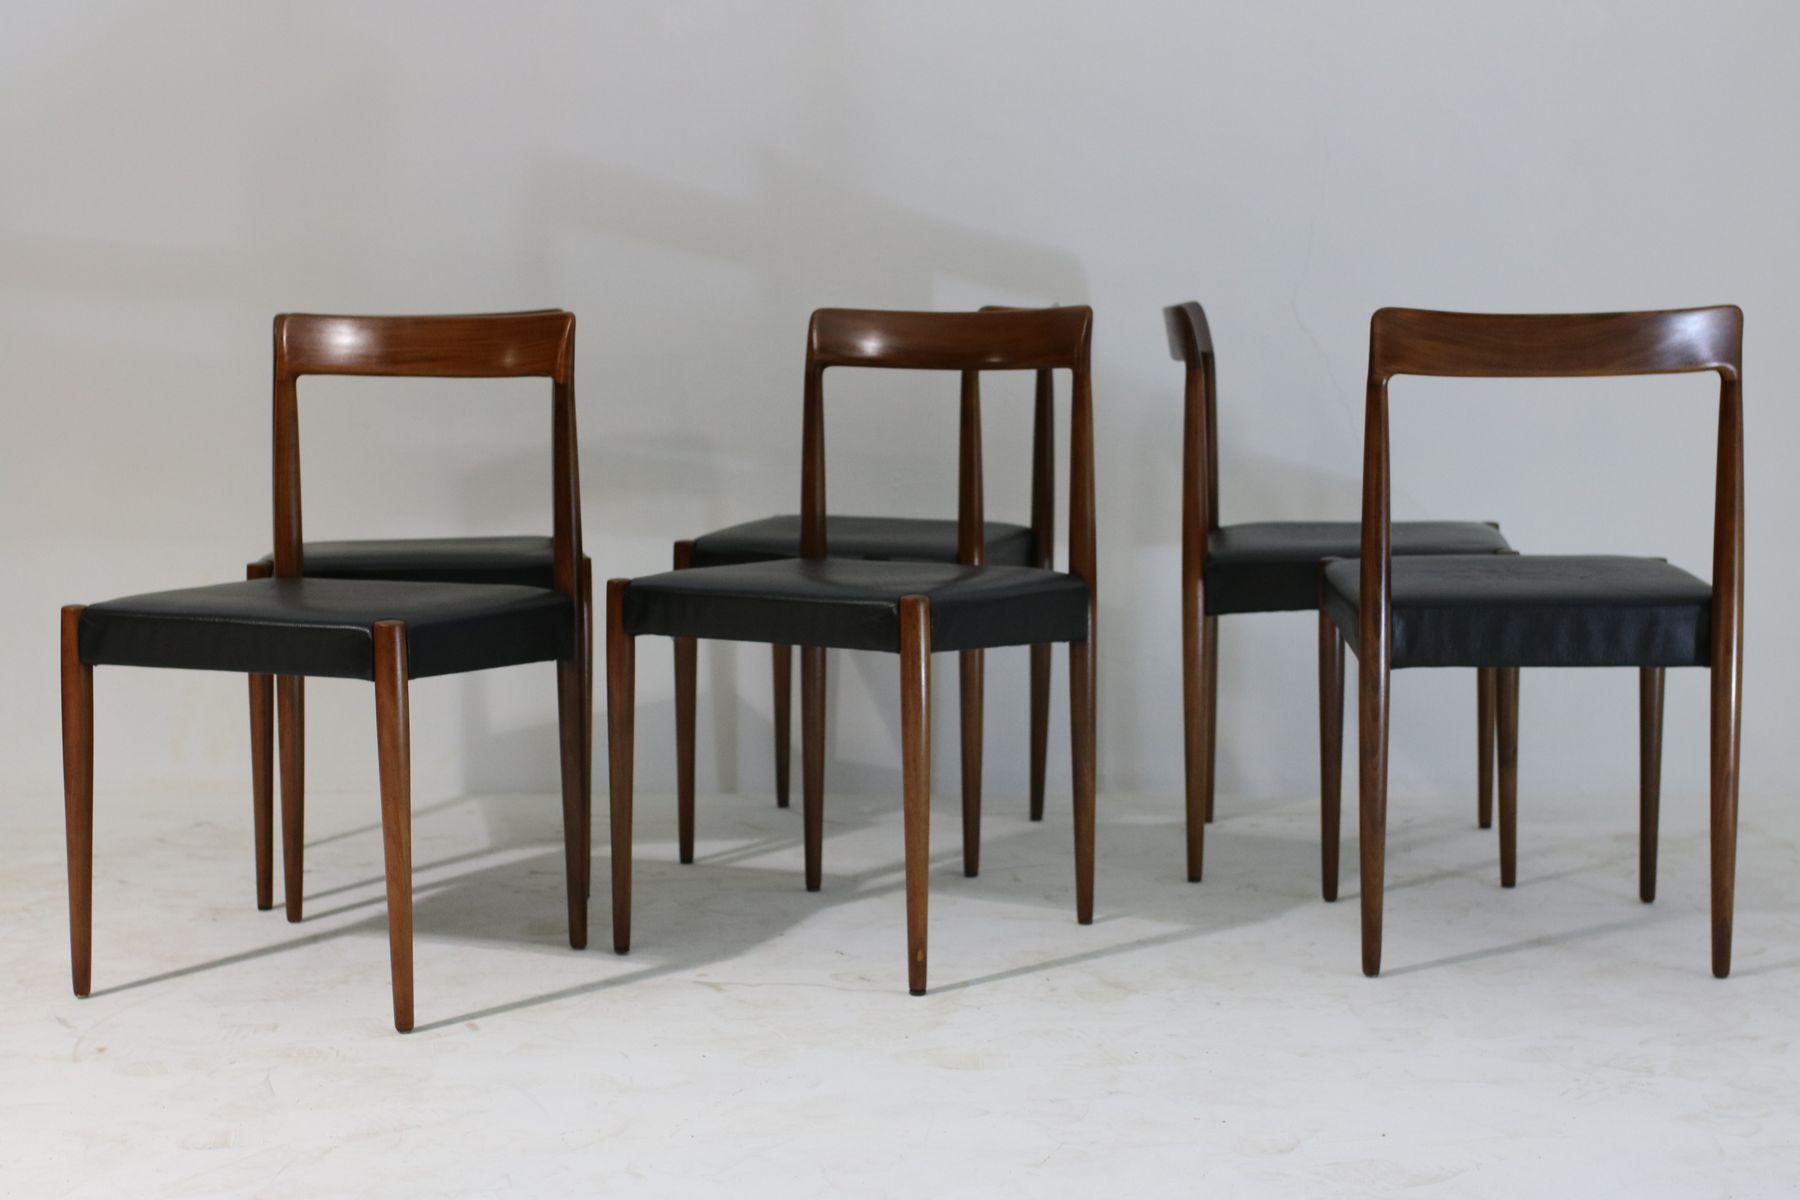 schwarze leder teak esszimmerst hle von l bke 1960er. Black Bedroom Furniture Sets. Home Design Ideas